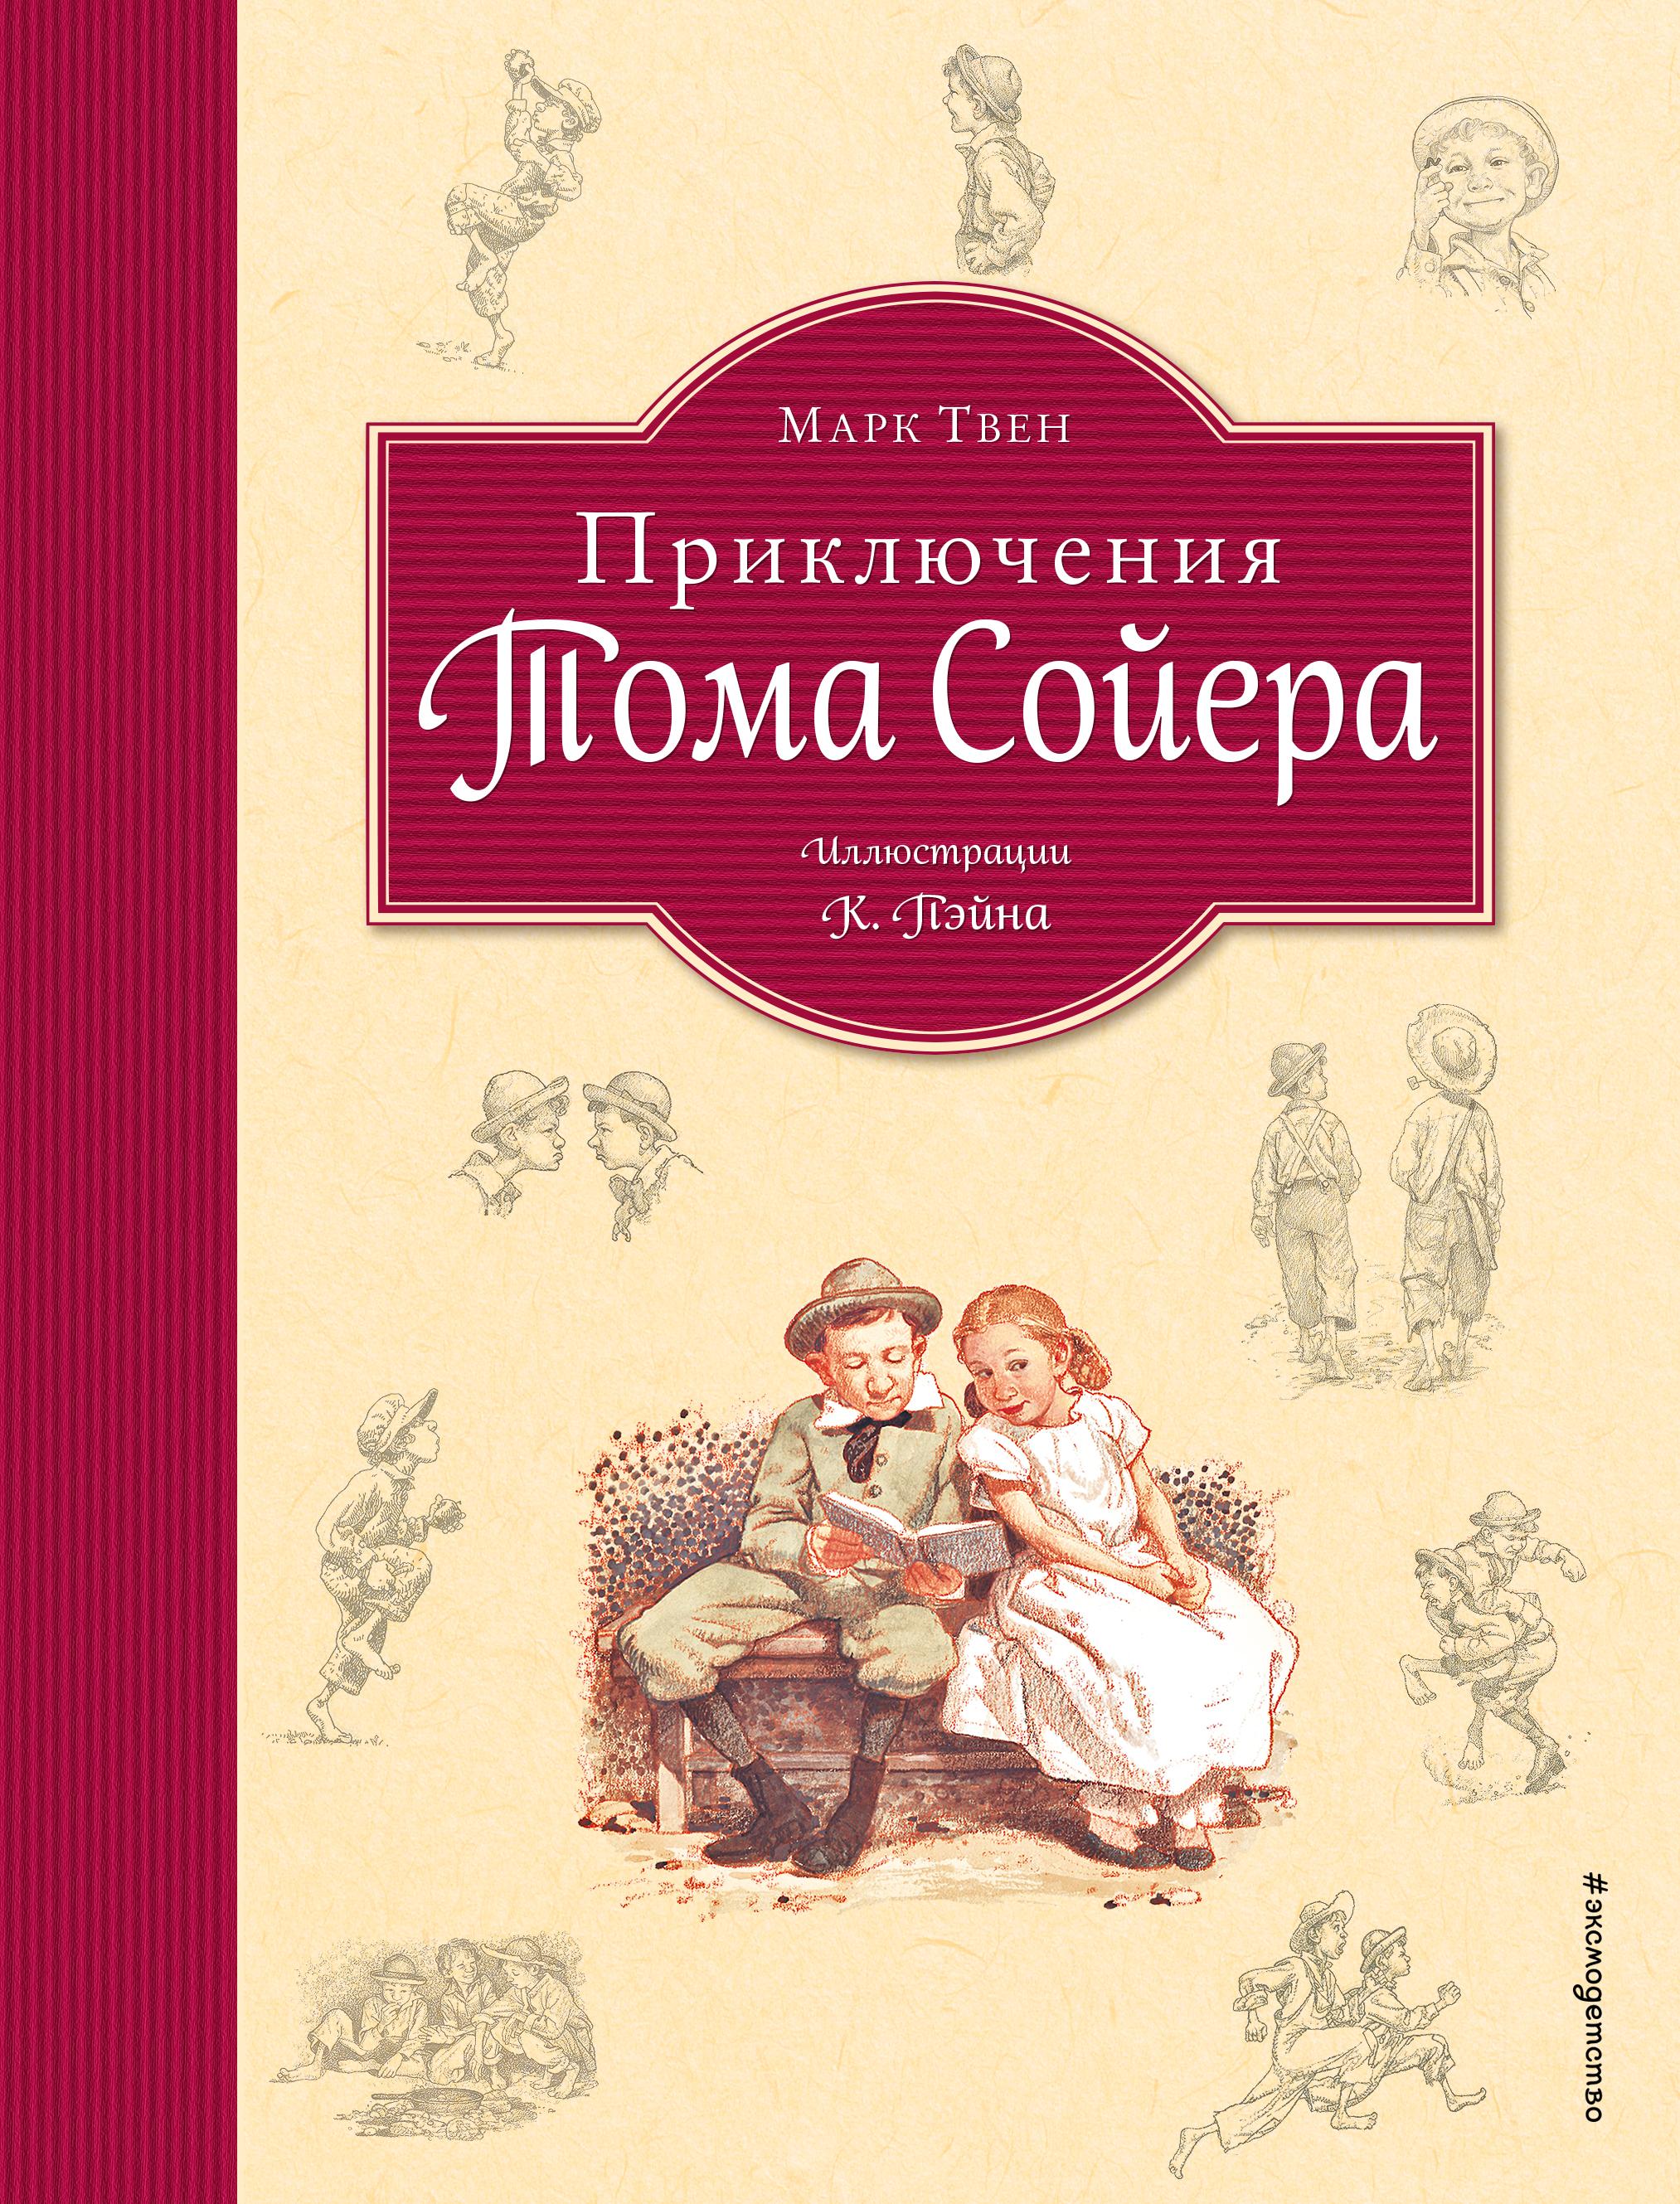 Приключения Тома Сойера (ил. Пэйна) (оф. 1)